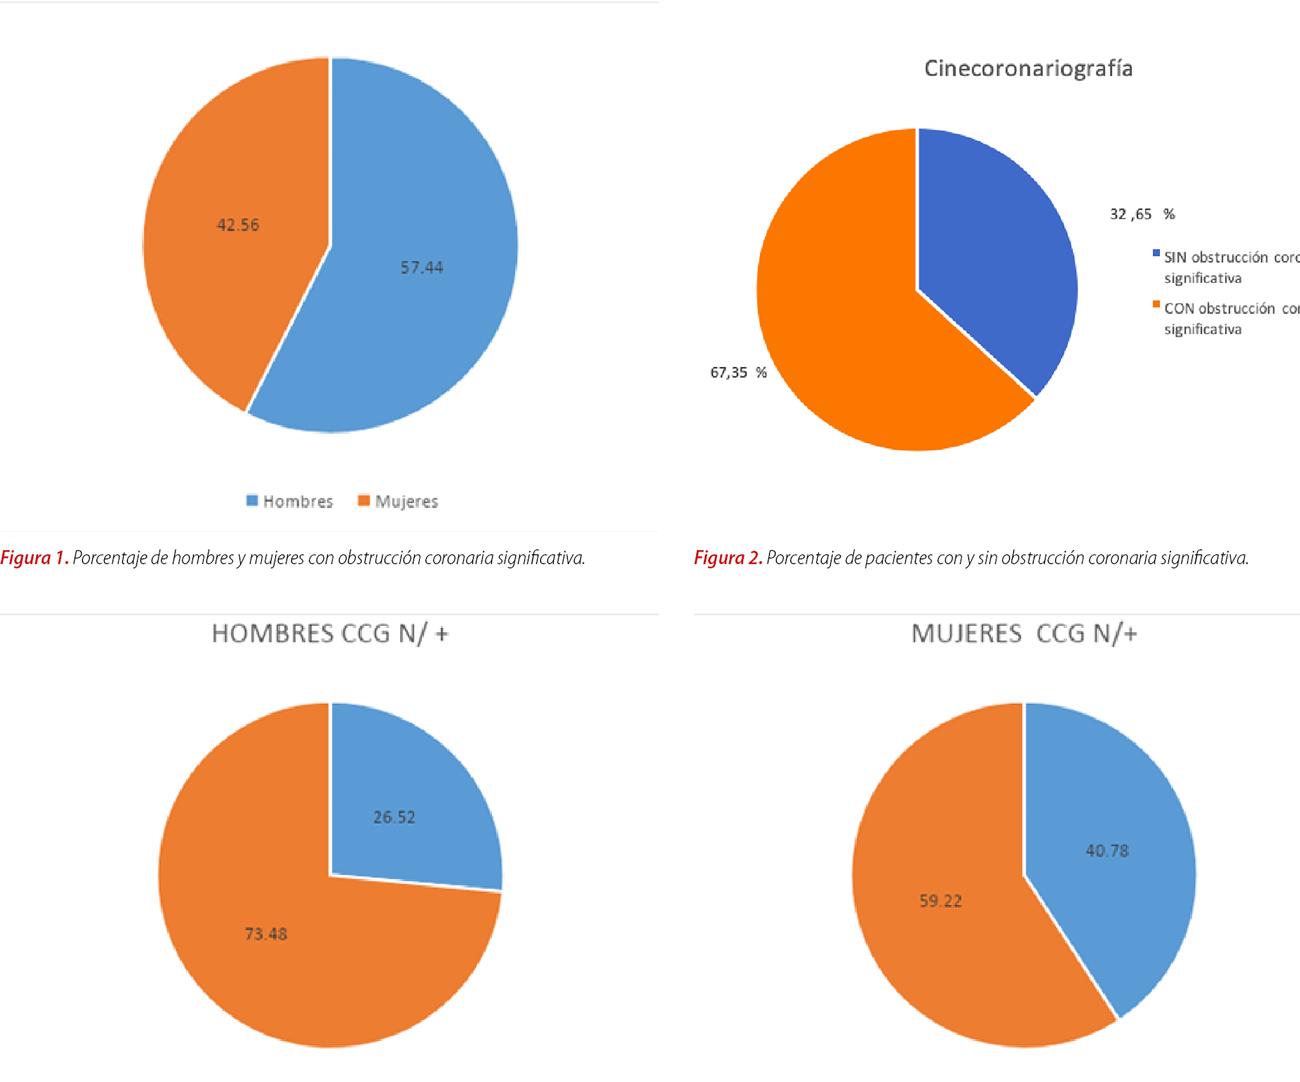 Prevalencia de obstrucción arterial evidenciada por cinecoronariografía en pacientes con síndrome coronario agudo